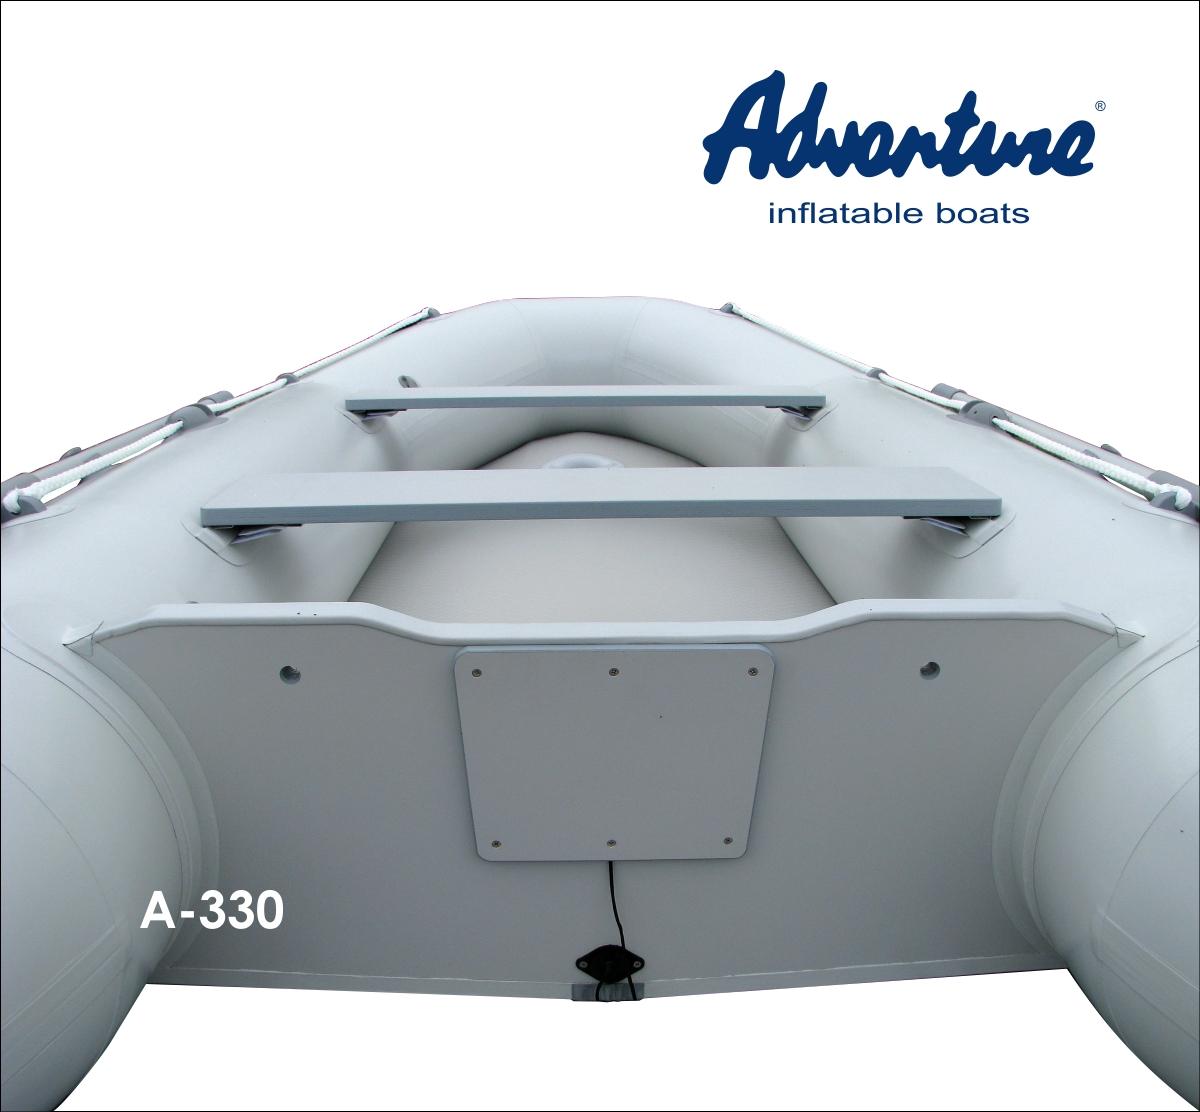 Člun Adventure s rovnou vysokotlakou podlážkou AIRdeck by HEYTex je věrný klasické koncepci nafukovacího kýlu a rovné paluby, na níž je bezpečné a pohodlné stát. Součástí podlážky je i úchyt nádrže.